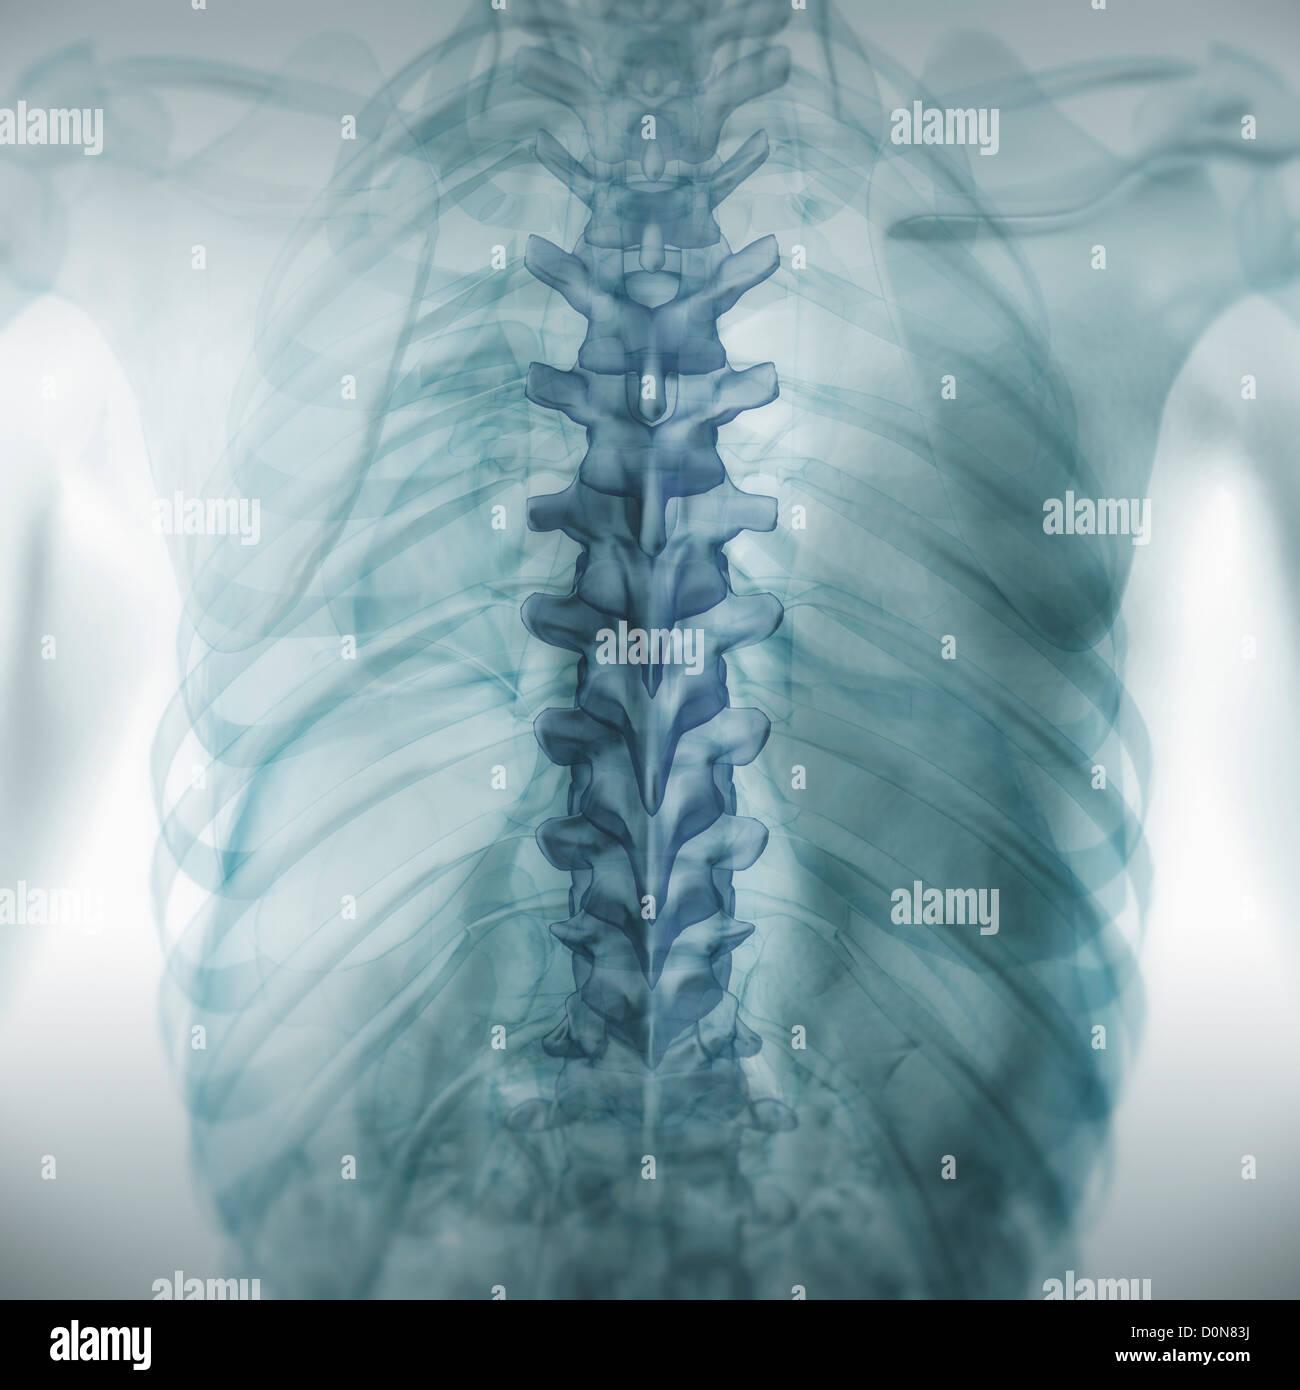 Vista trasera de la anatomía espalda piel transparente revelando ...